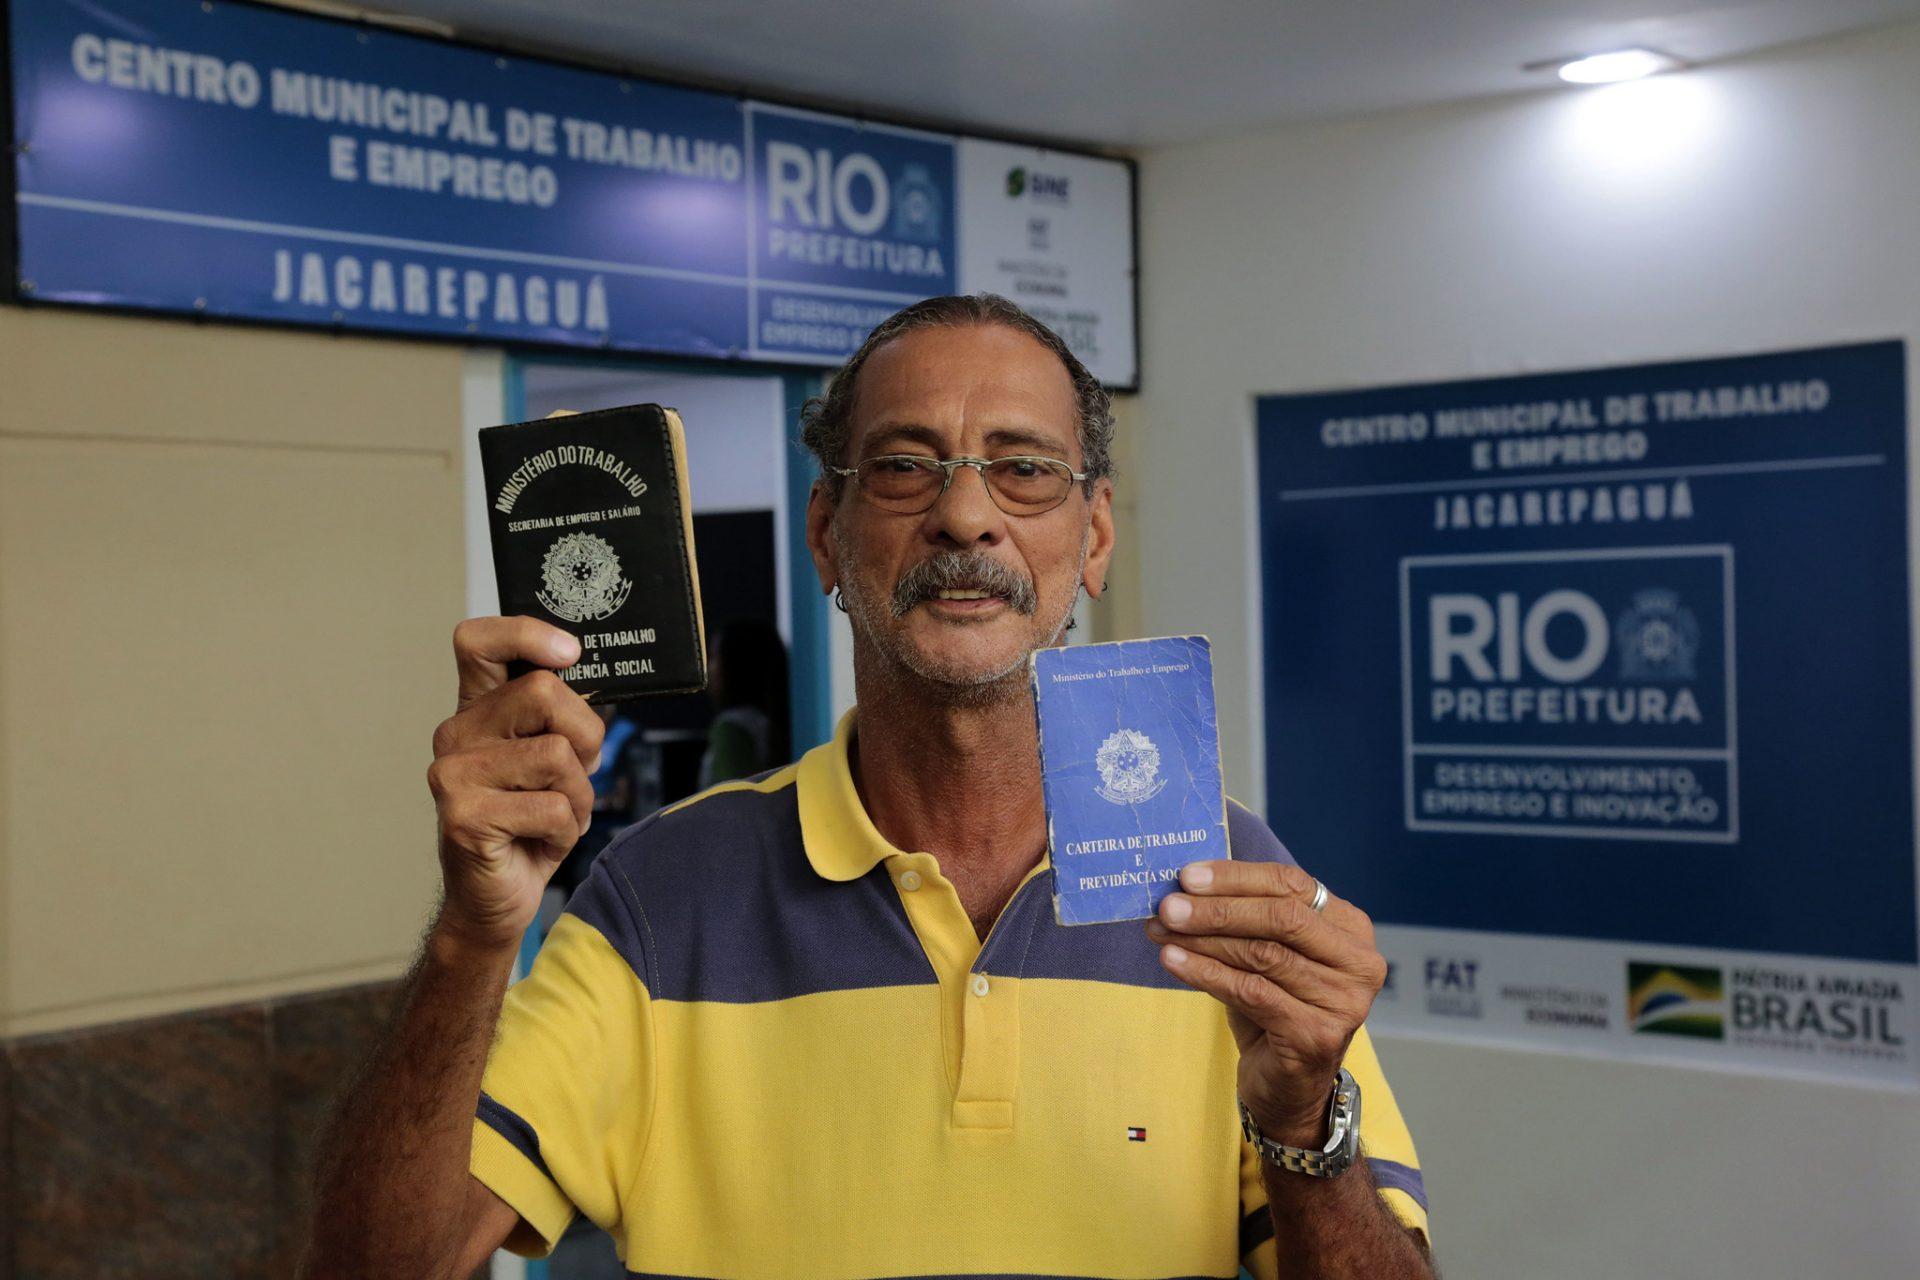 Sérgio, 60 anos, foi em busca de vagas de emprego para terceira idade. Foto: Marcos de Paula / Prefeitura do Rio